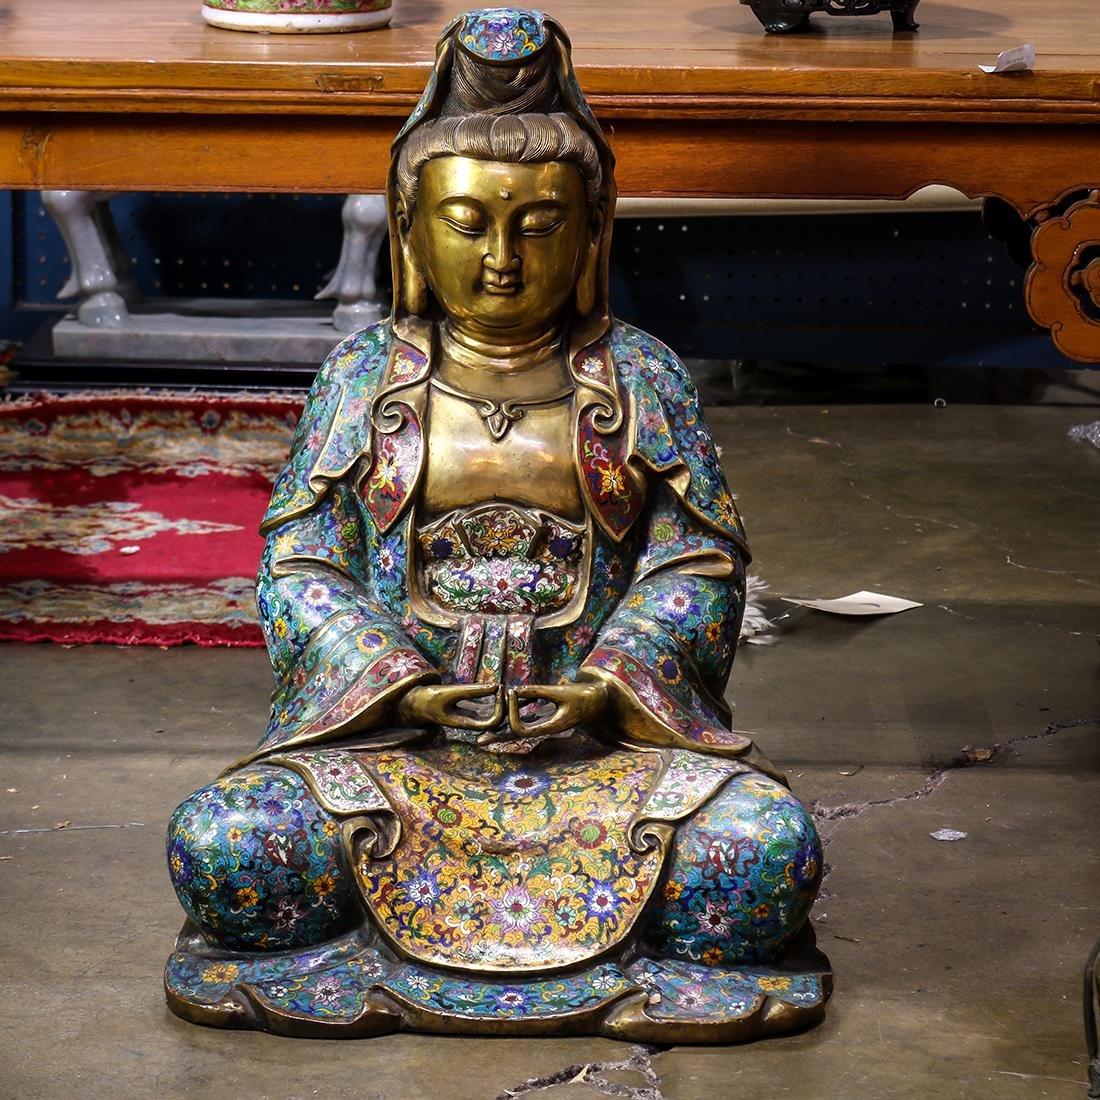 Chinese Cloisonne Enameled Bodhisattva